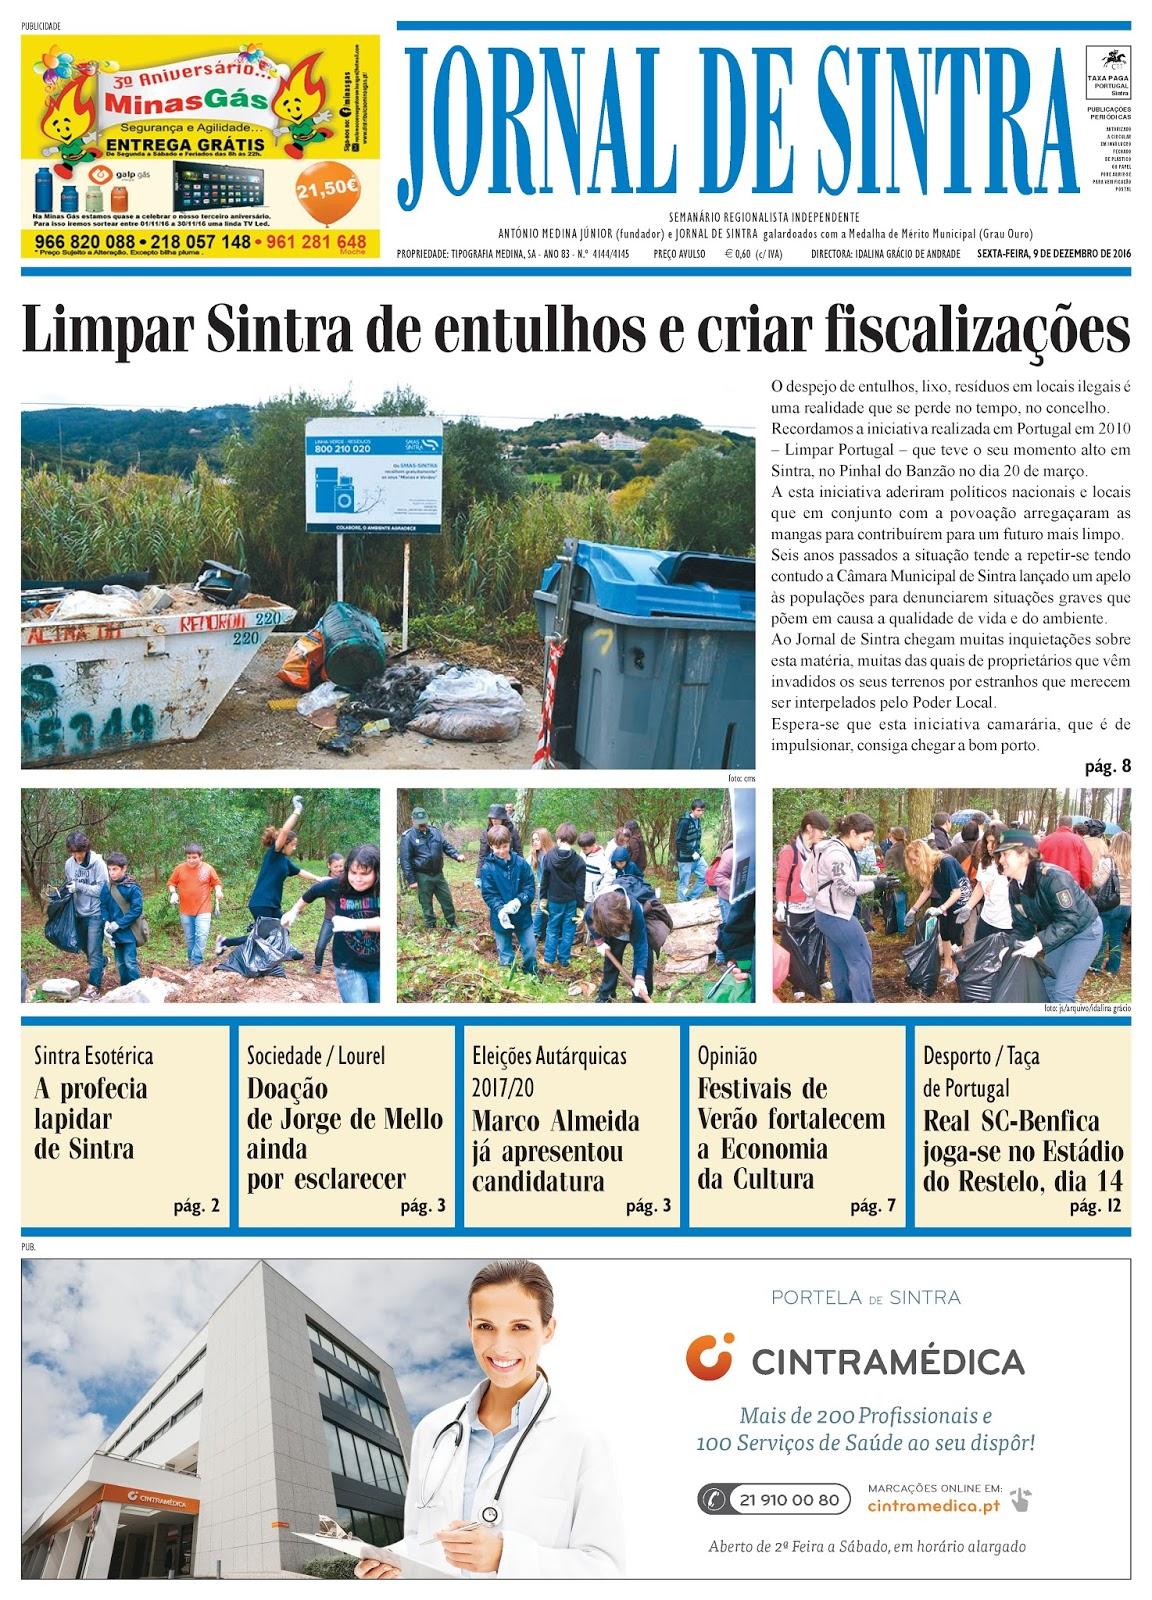 Capa da edição de 09-12-2016